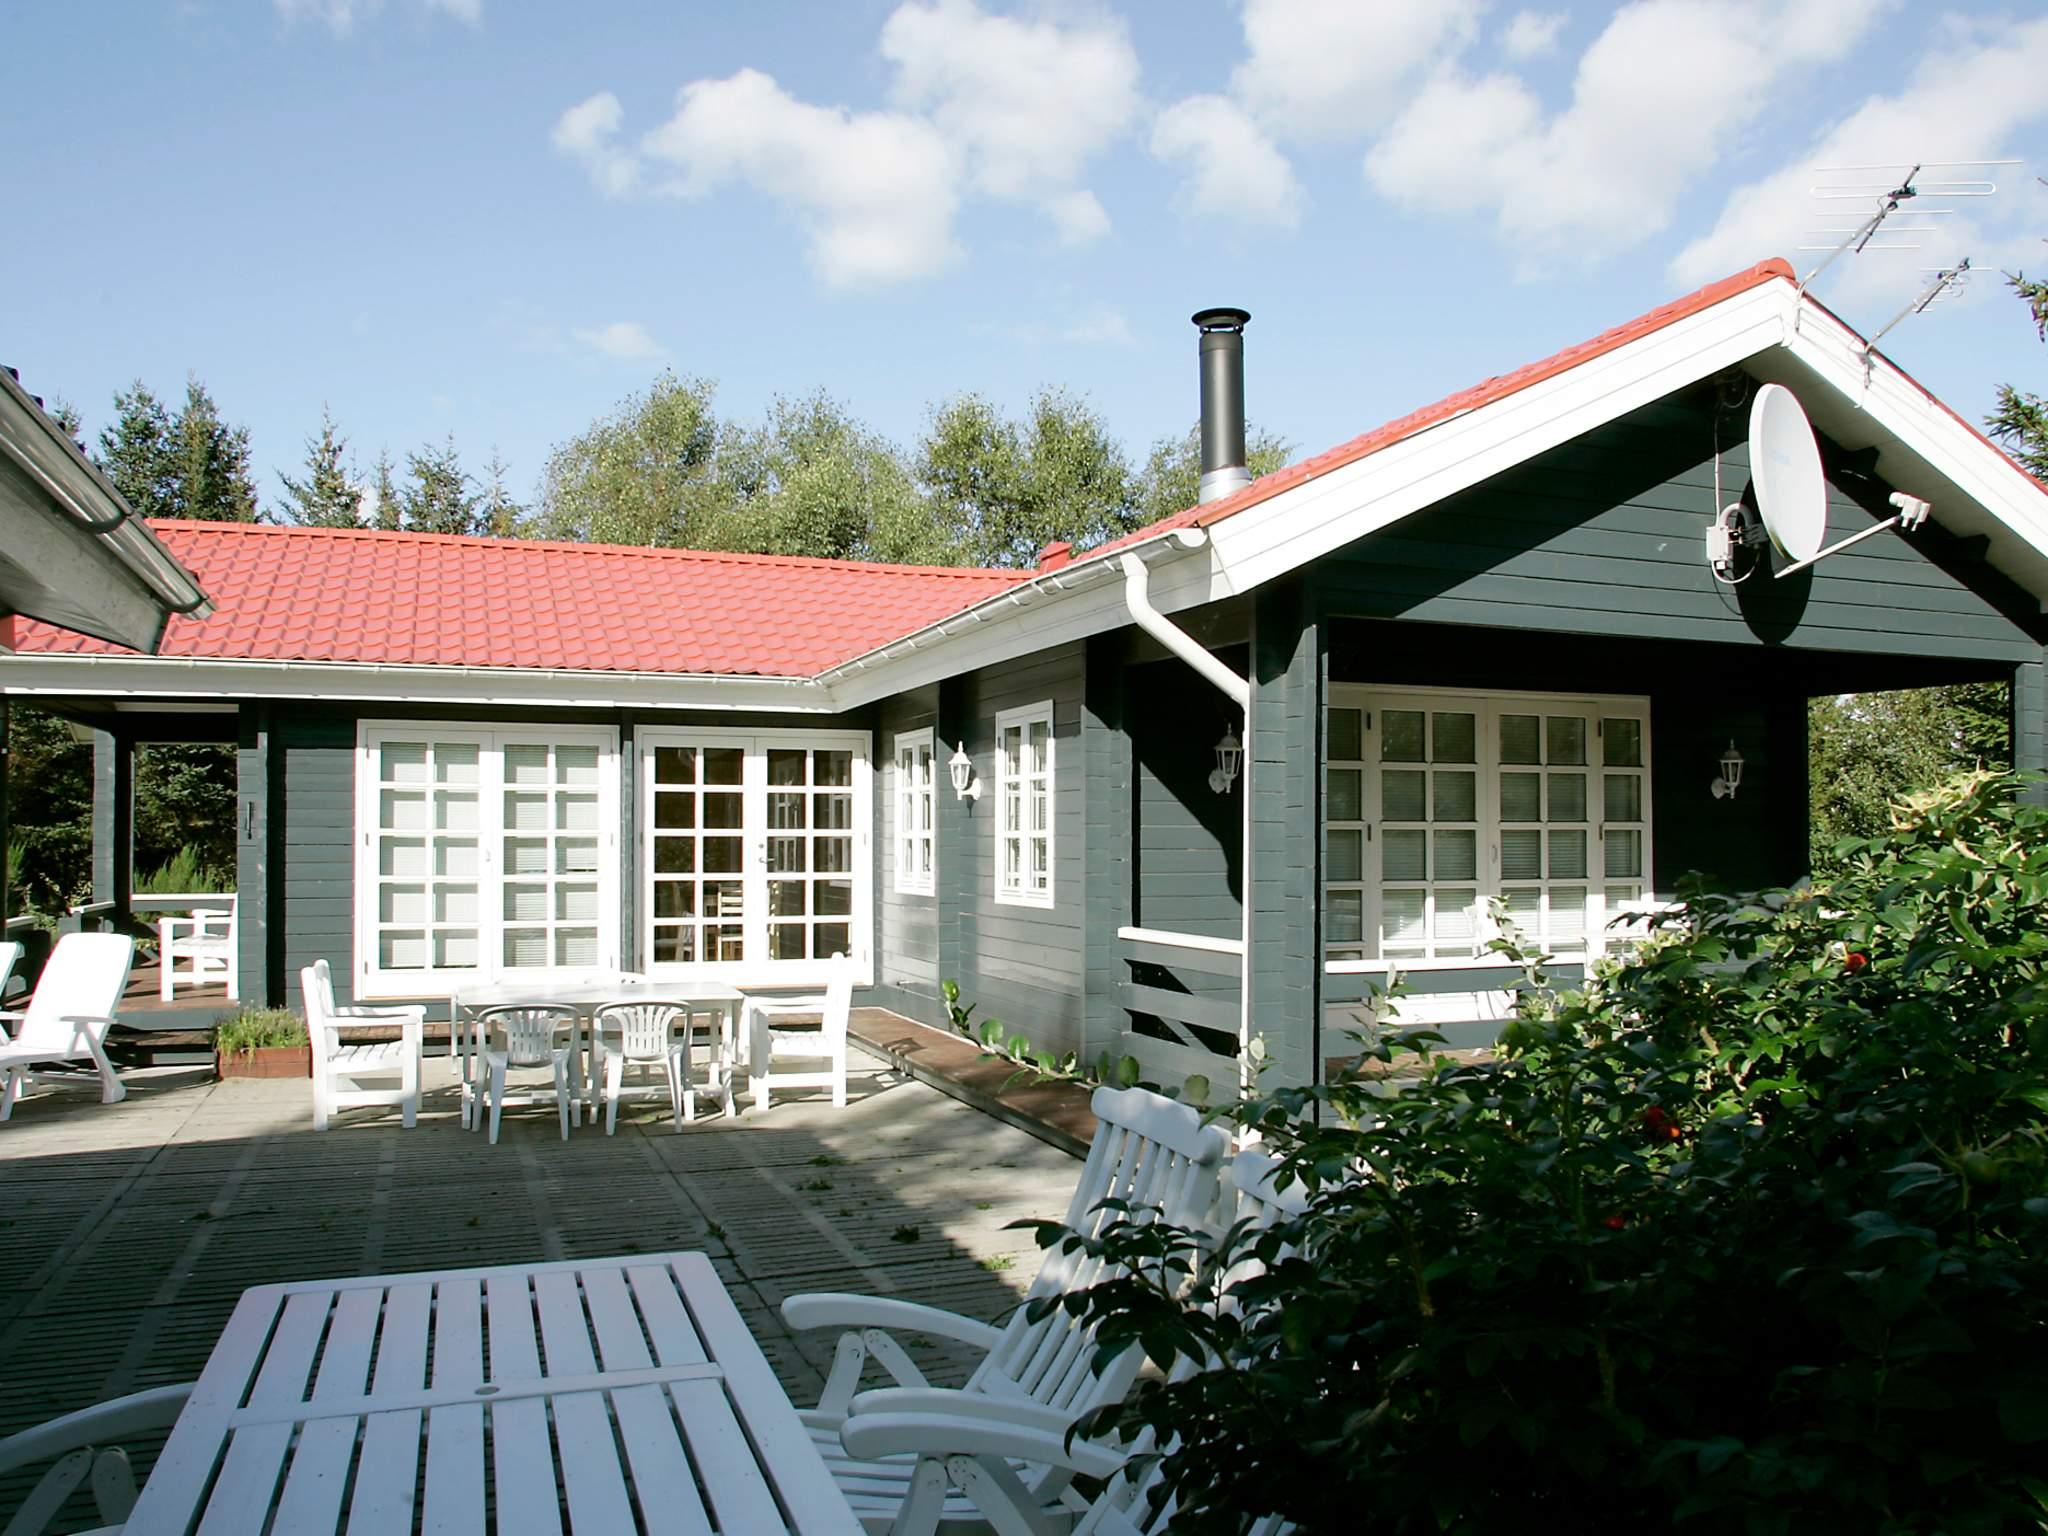 Ferienhaus Trend (86925), Løgstør, , Limfjord, Dänemark, Bild 8